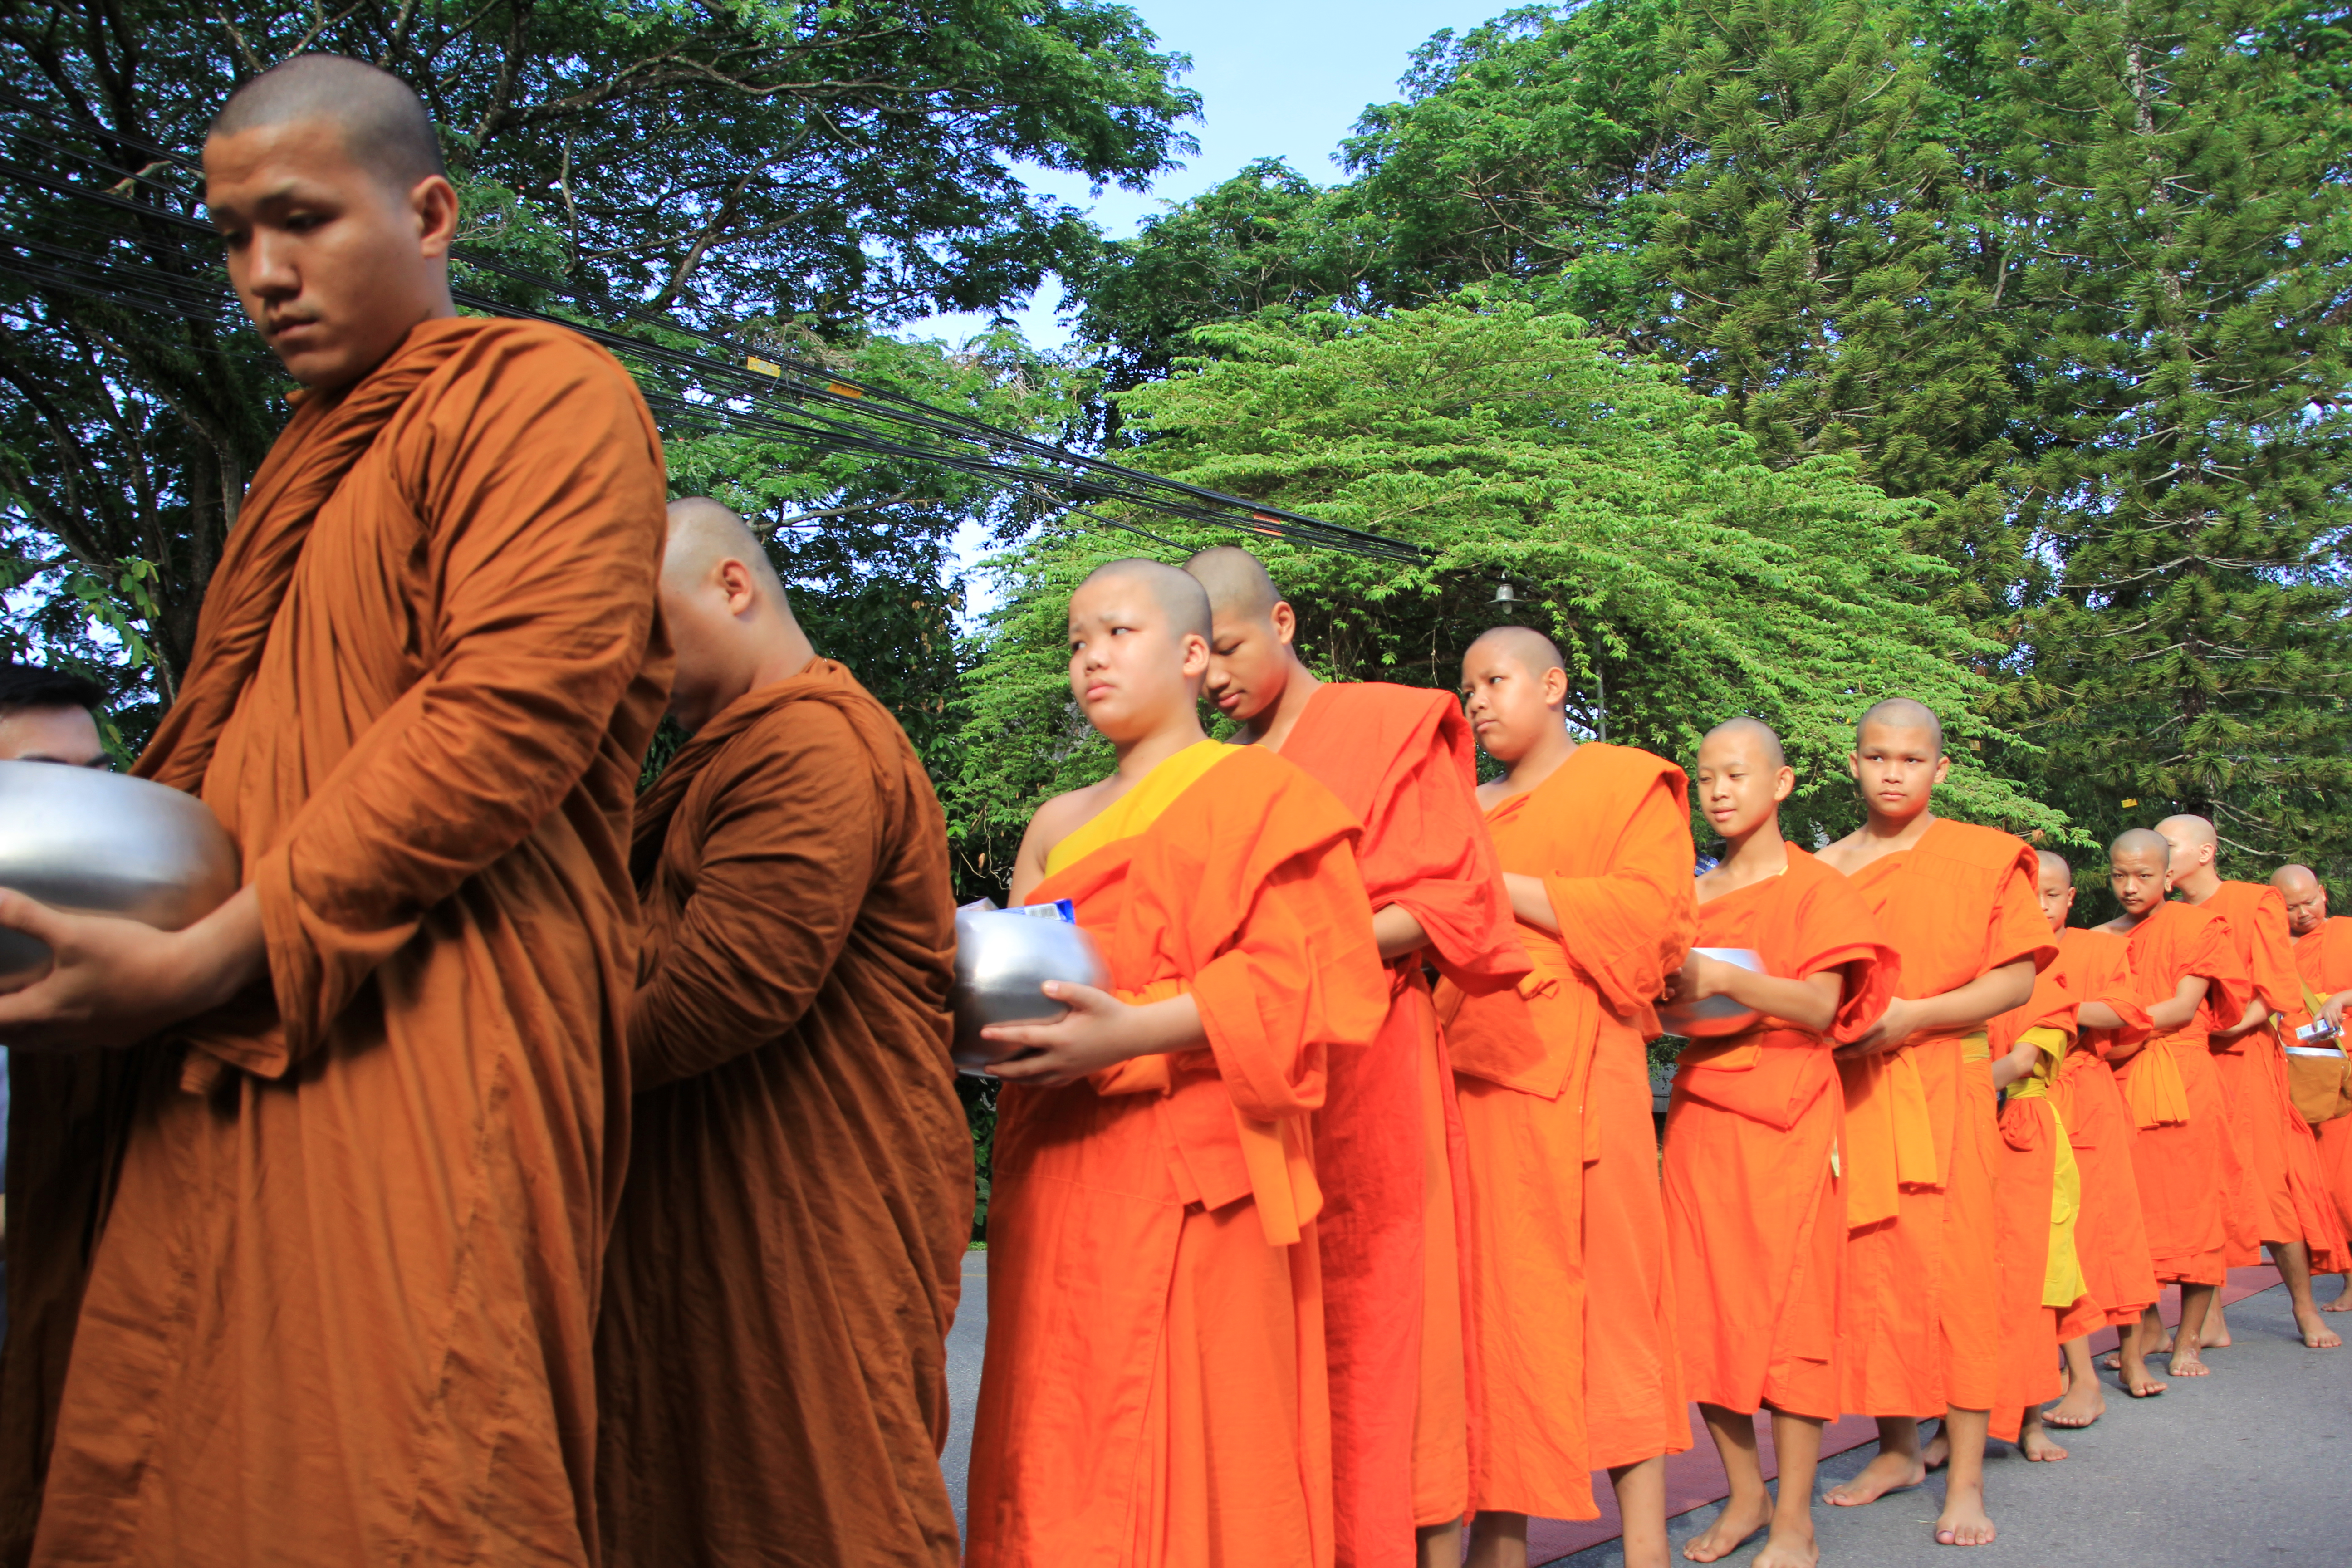 พิธีทำบุญตักบาตรเนื่องในวันวิสาขบูชาประจำปี 2558